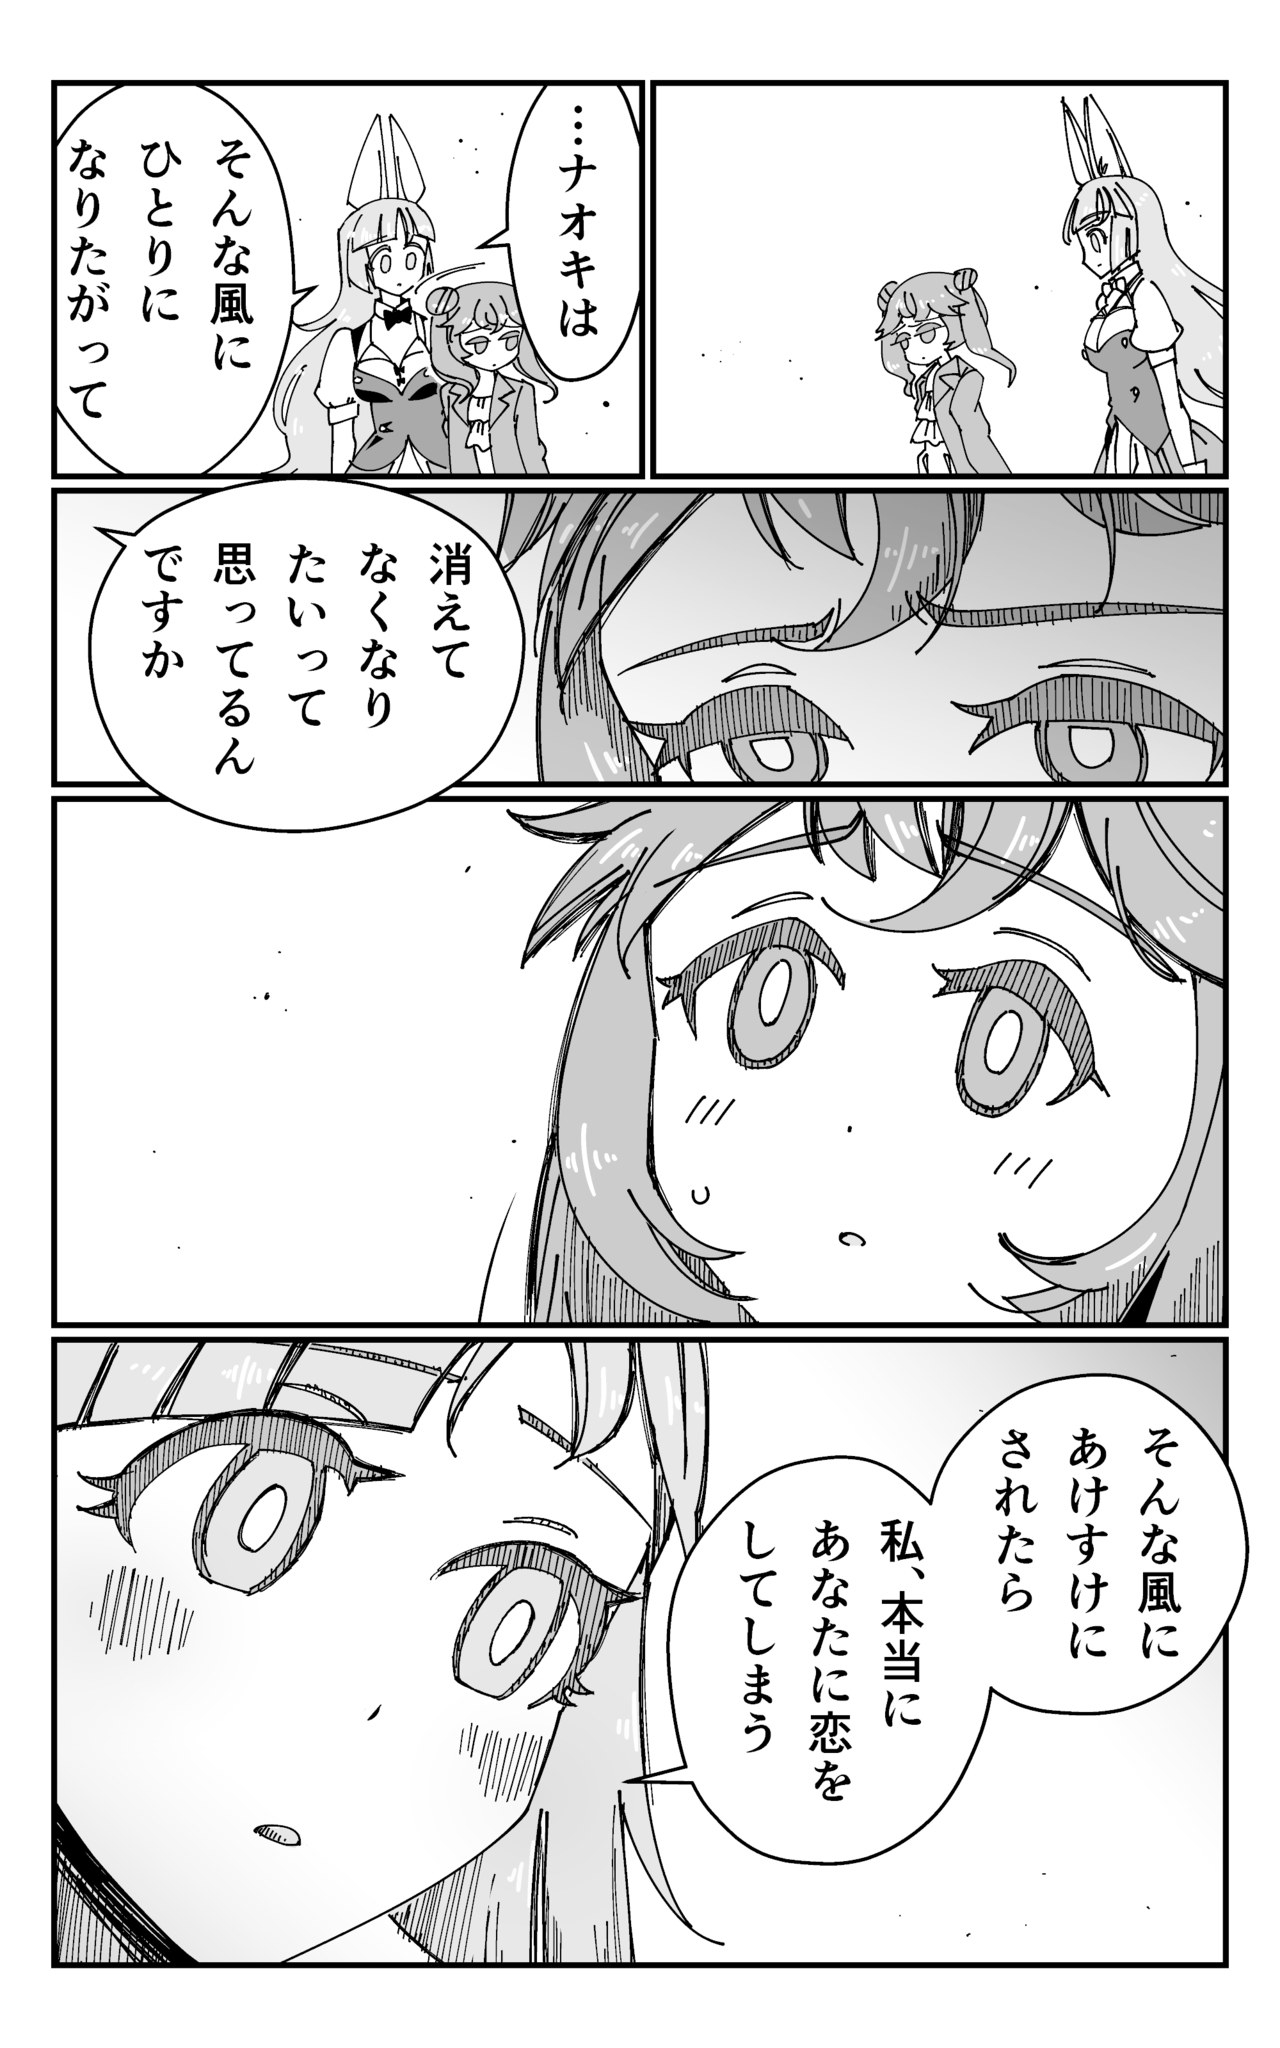 おじさん ガチ 恋